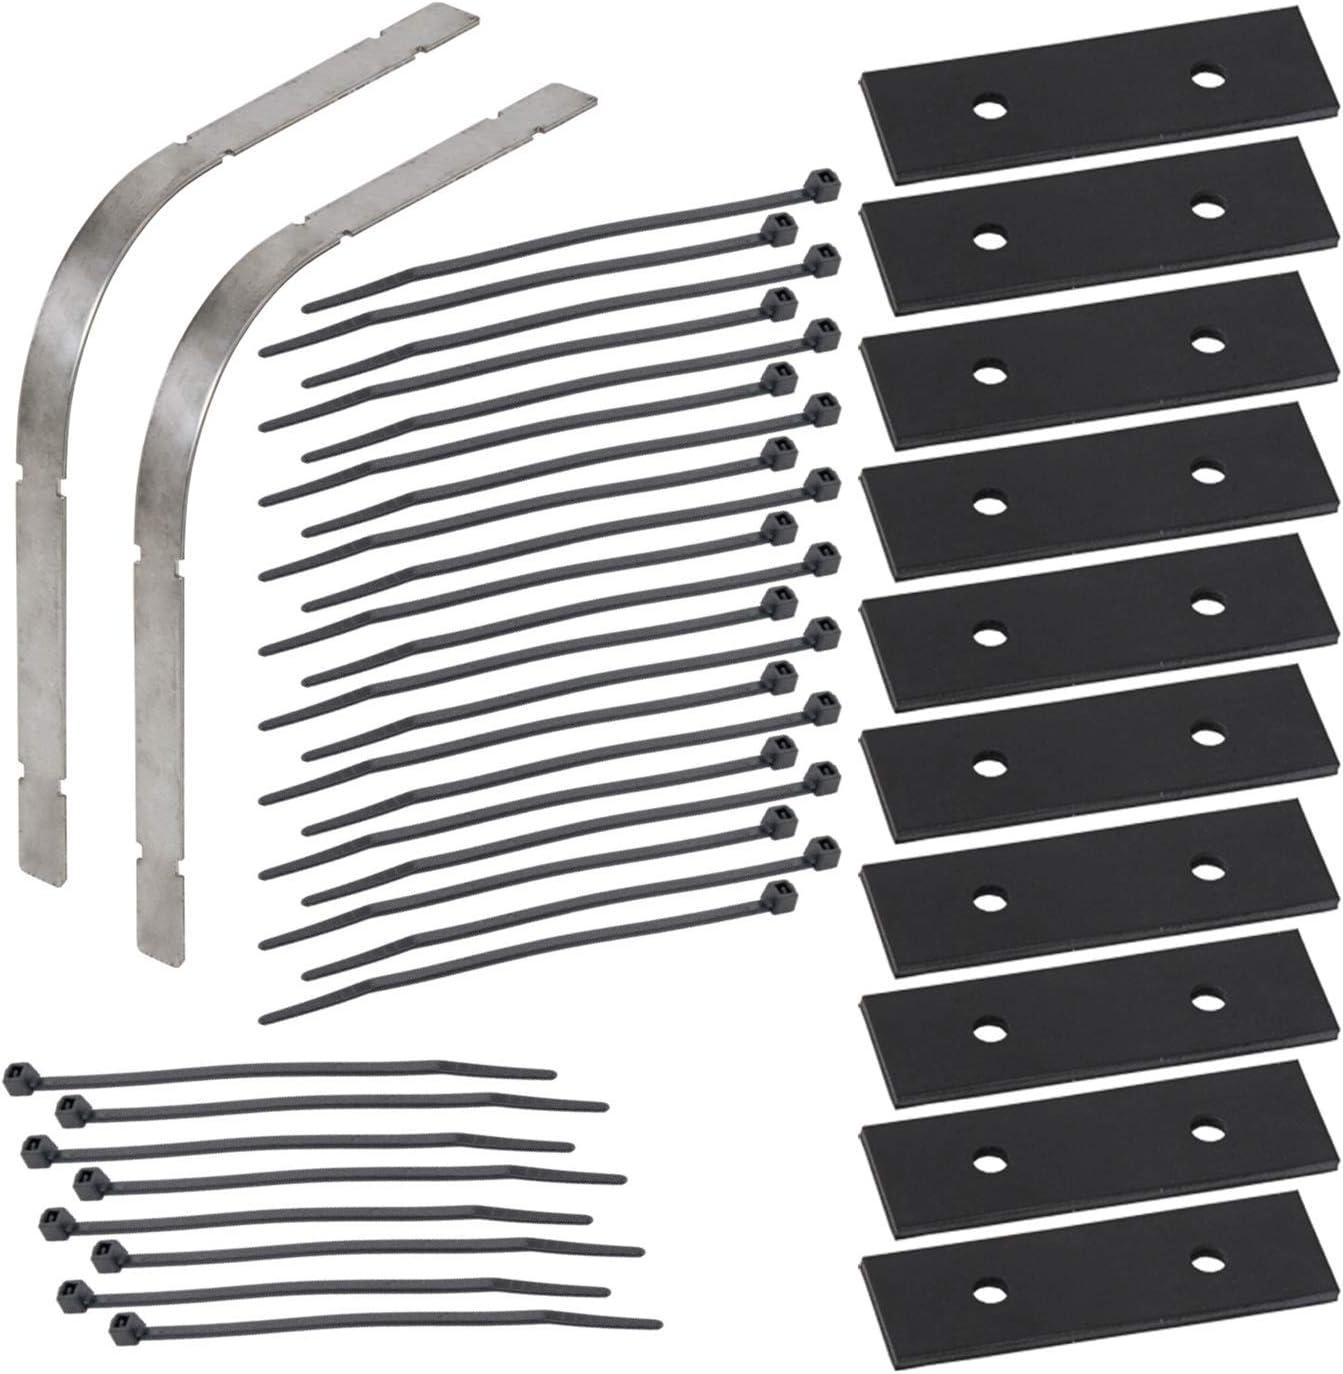 VOSS.eisfrei Knickschutz Set für Heizkabel inklusive Kabelbinder, aus Edelstahl, Frostschutz Kabelschutz Heizkabel Kabel Schutz kein Verknicken